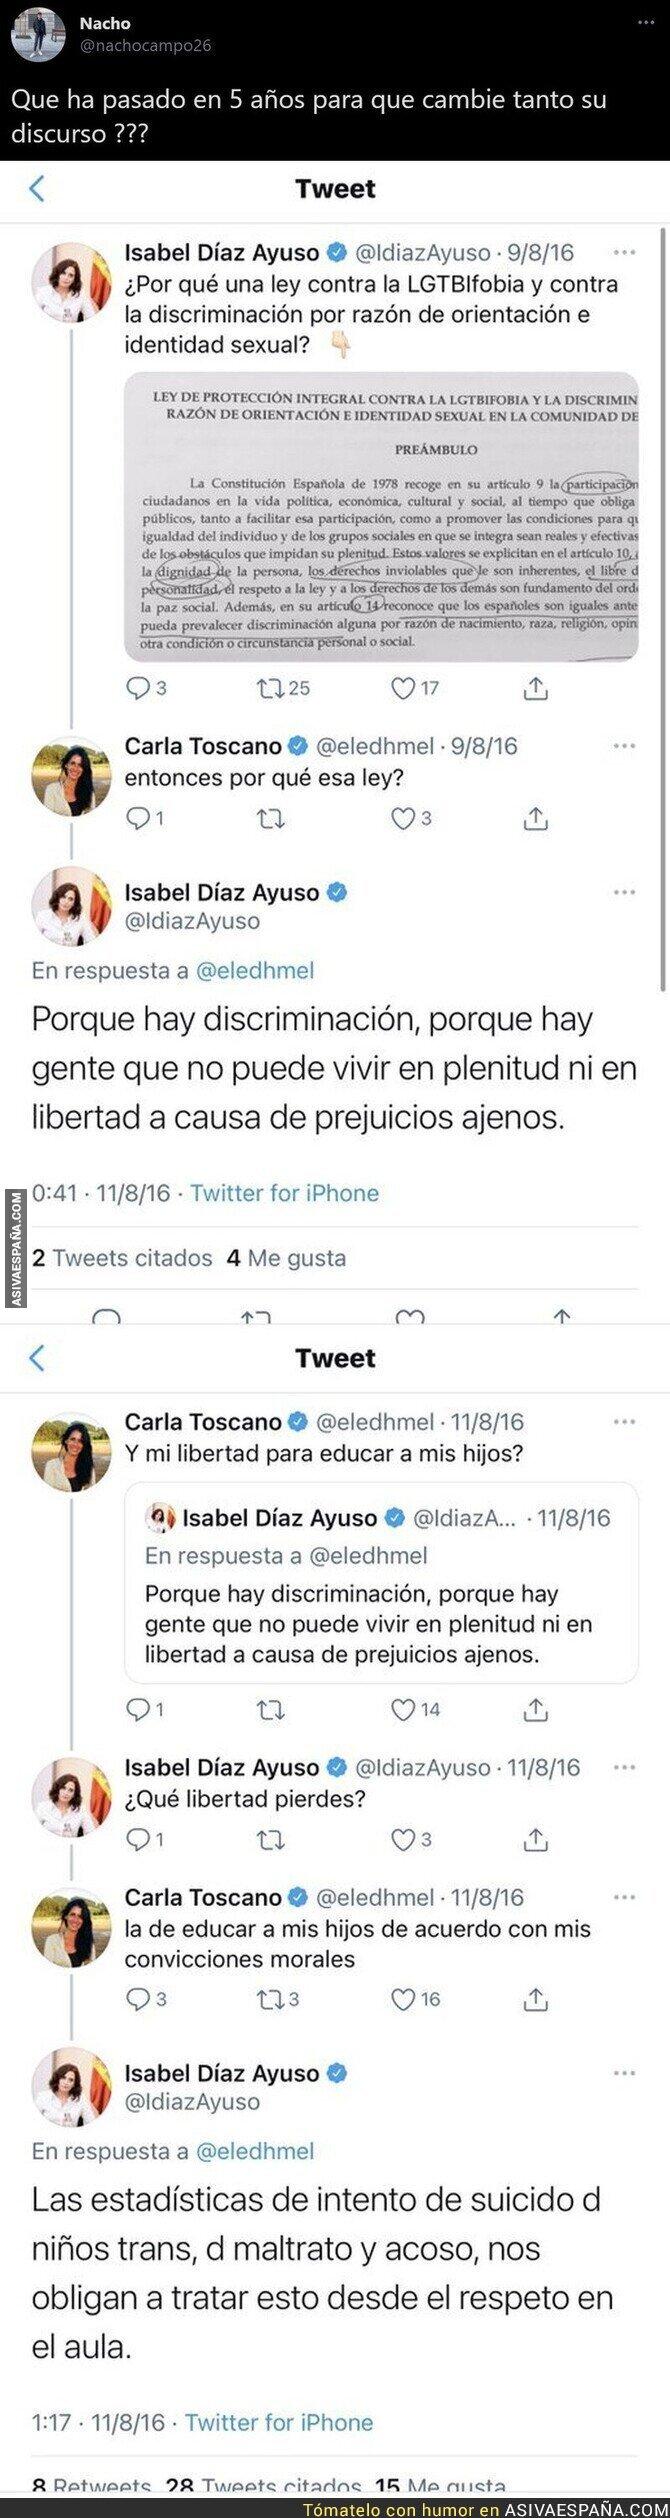 648986 - Así opinaba Isabel Díaz Ayuso hace 5 años sobre la LGTBIfobia y nadie entiende su forma de pensar